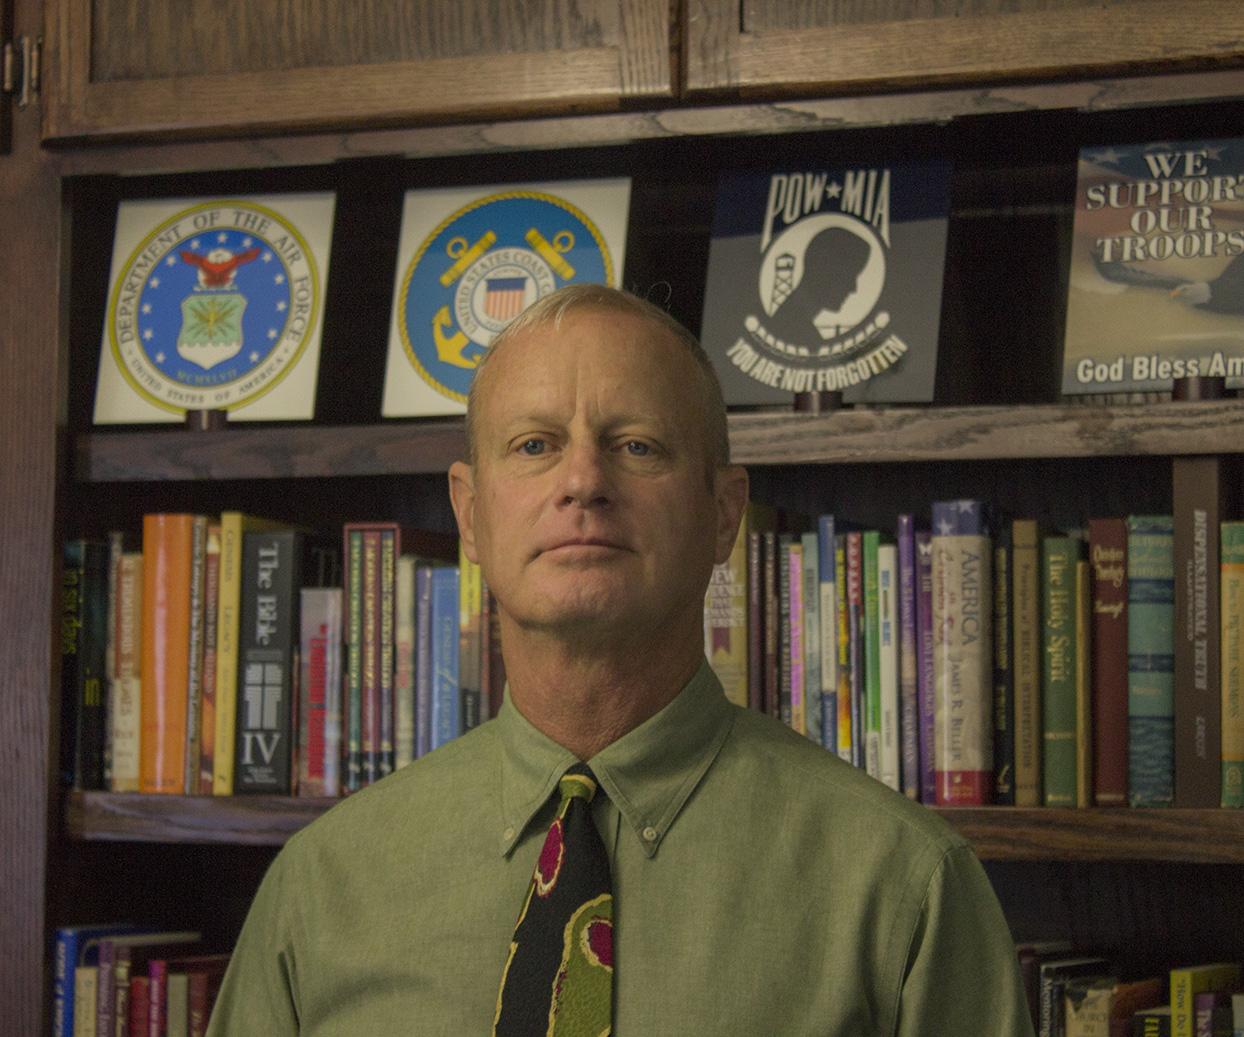 Ken Grimm